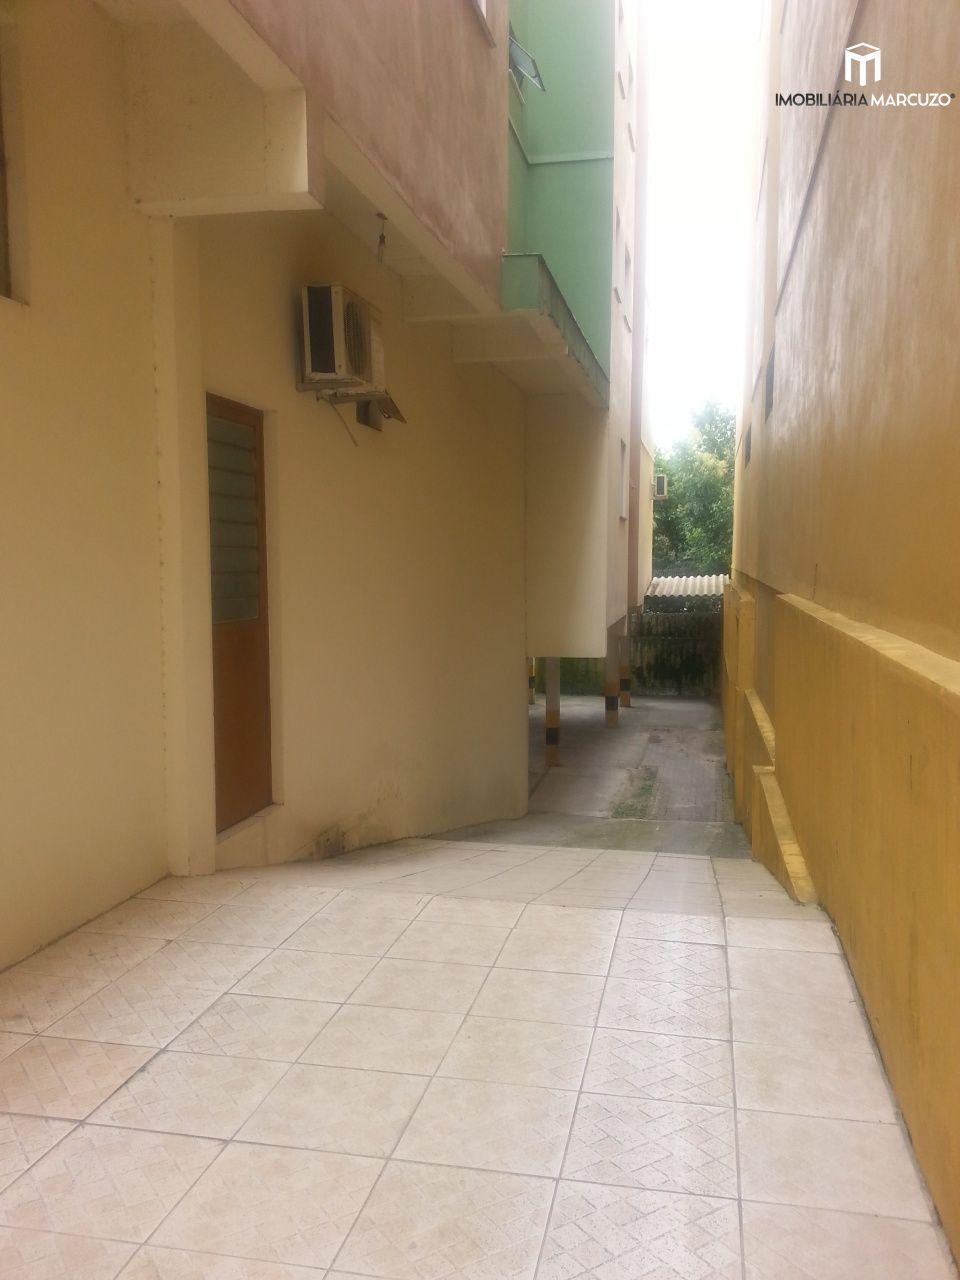 Apartamento com 2 Dormitórios à venda, 59 m² por R$ 260.000,00